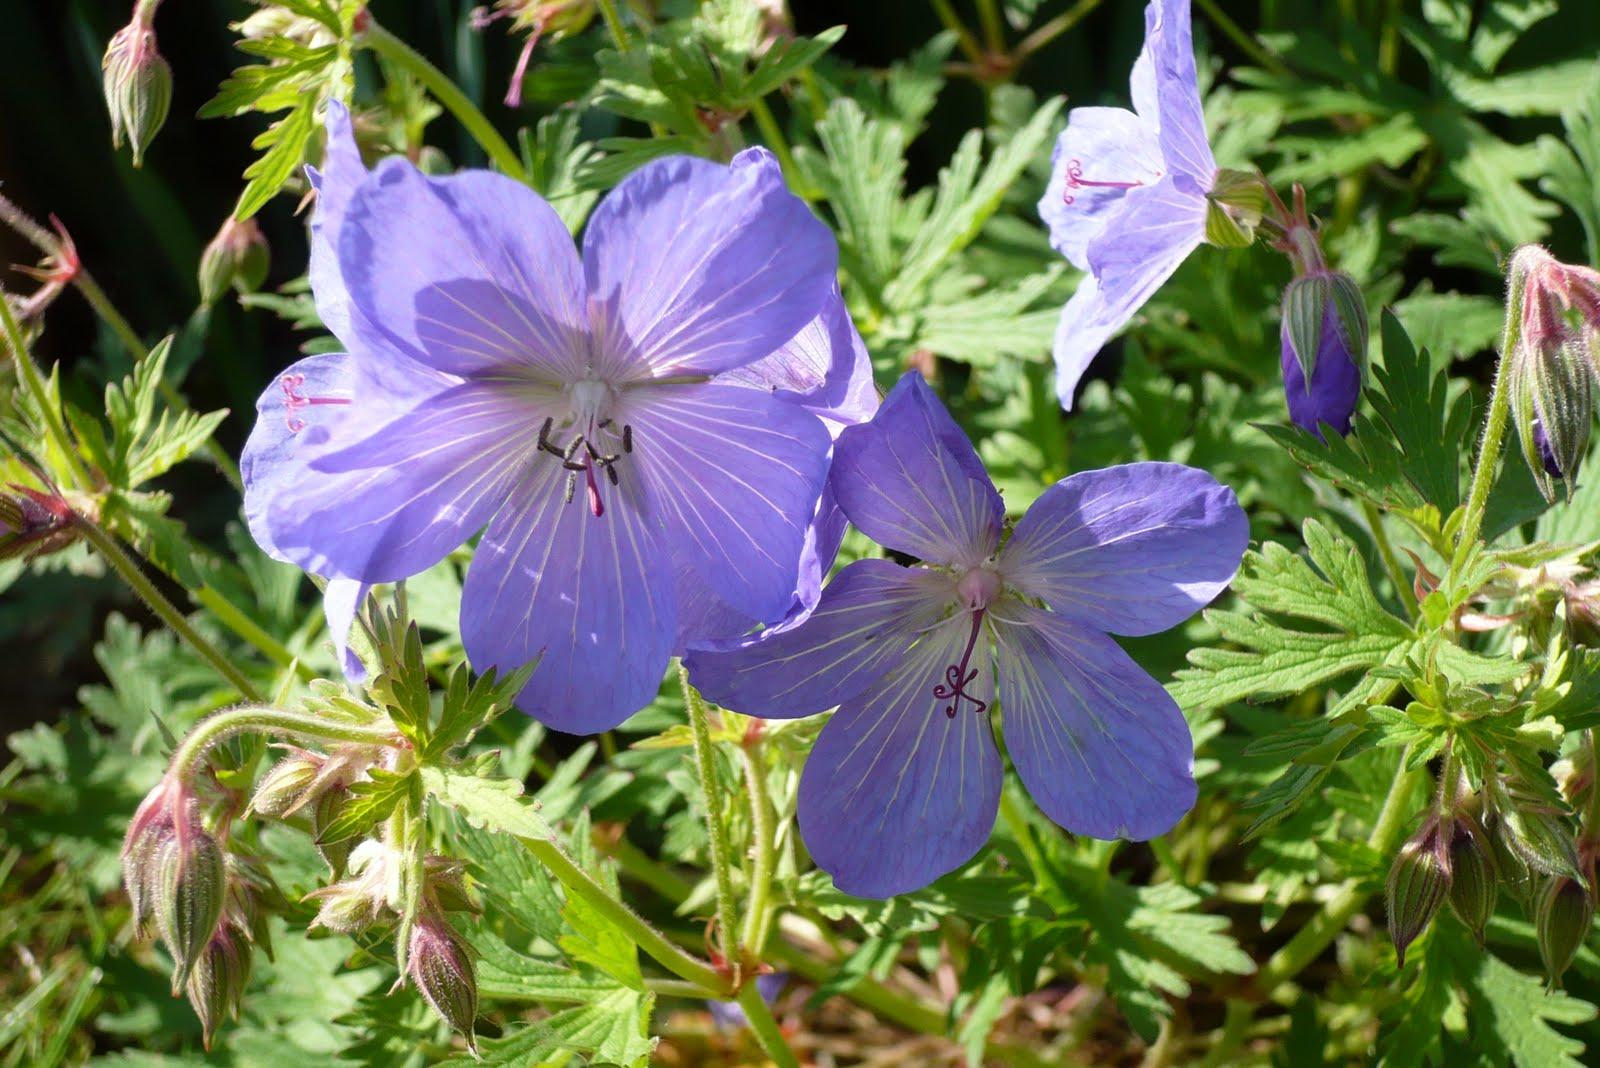 Le jardin de pacalou a quand la pluie - Quand couper les fleurs de lavande ...